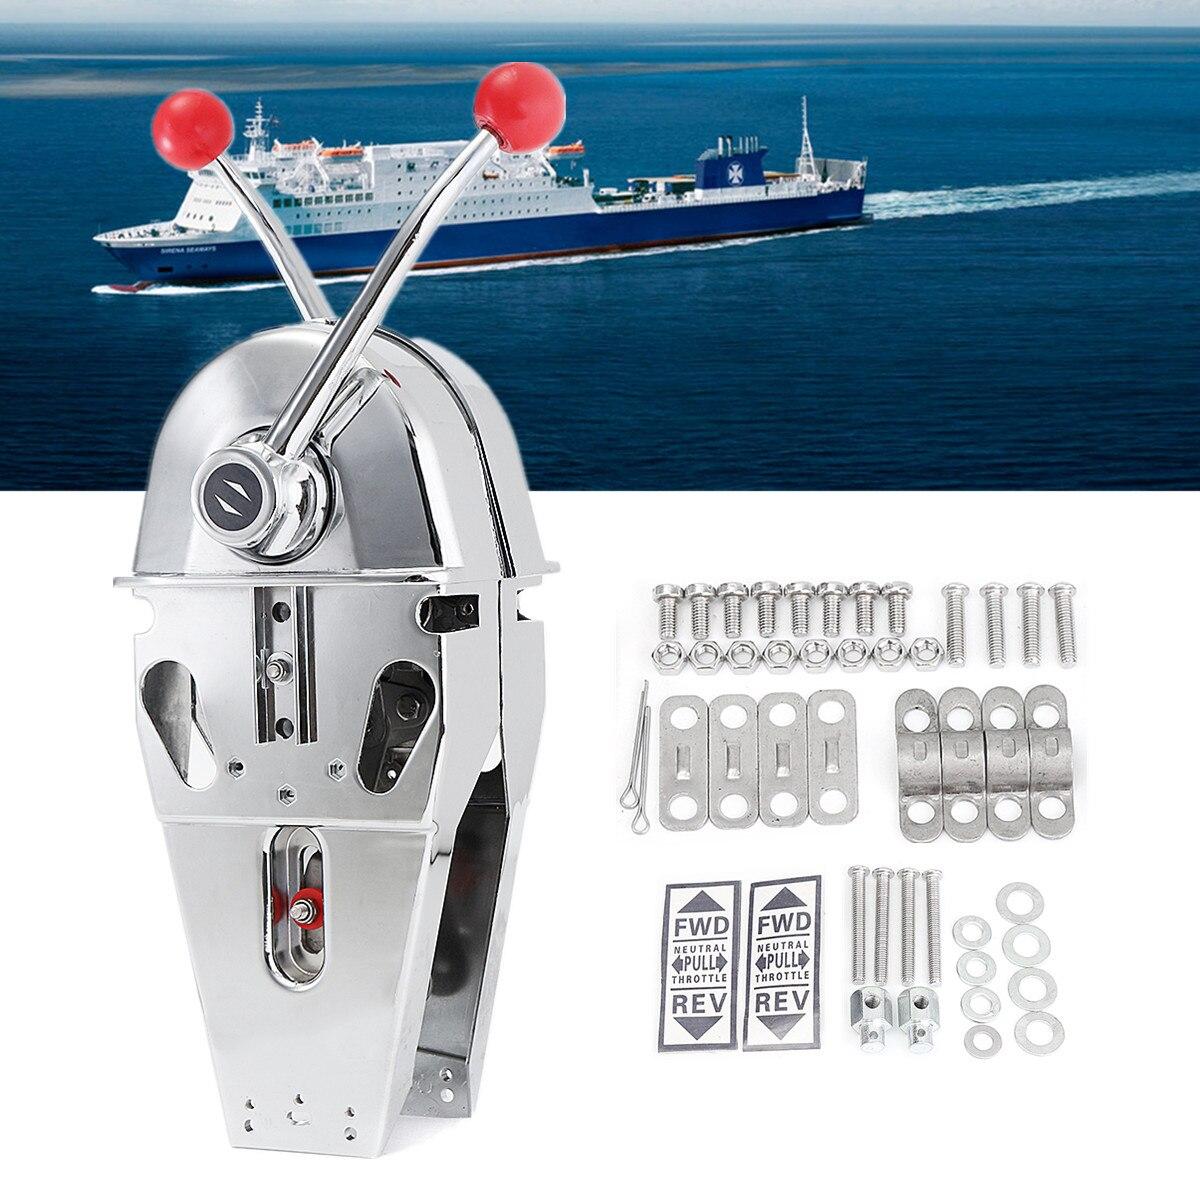 316 acier inoxydable bateau Double Levier Poignée Top Mount Double Moteur de Contrôle Intégré Friction Lisse Chier/Étranglement